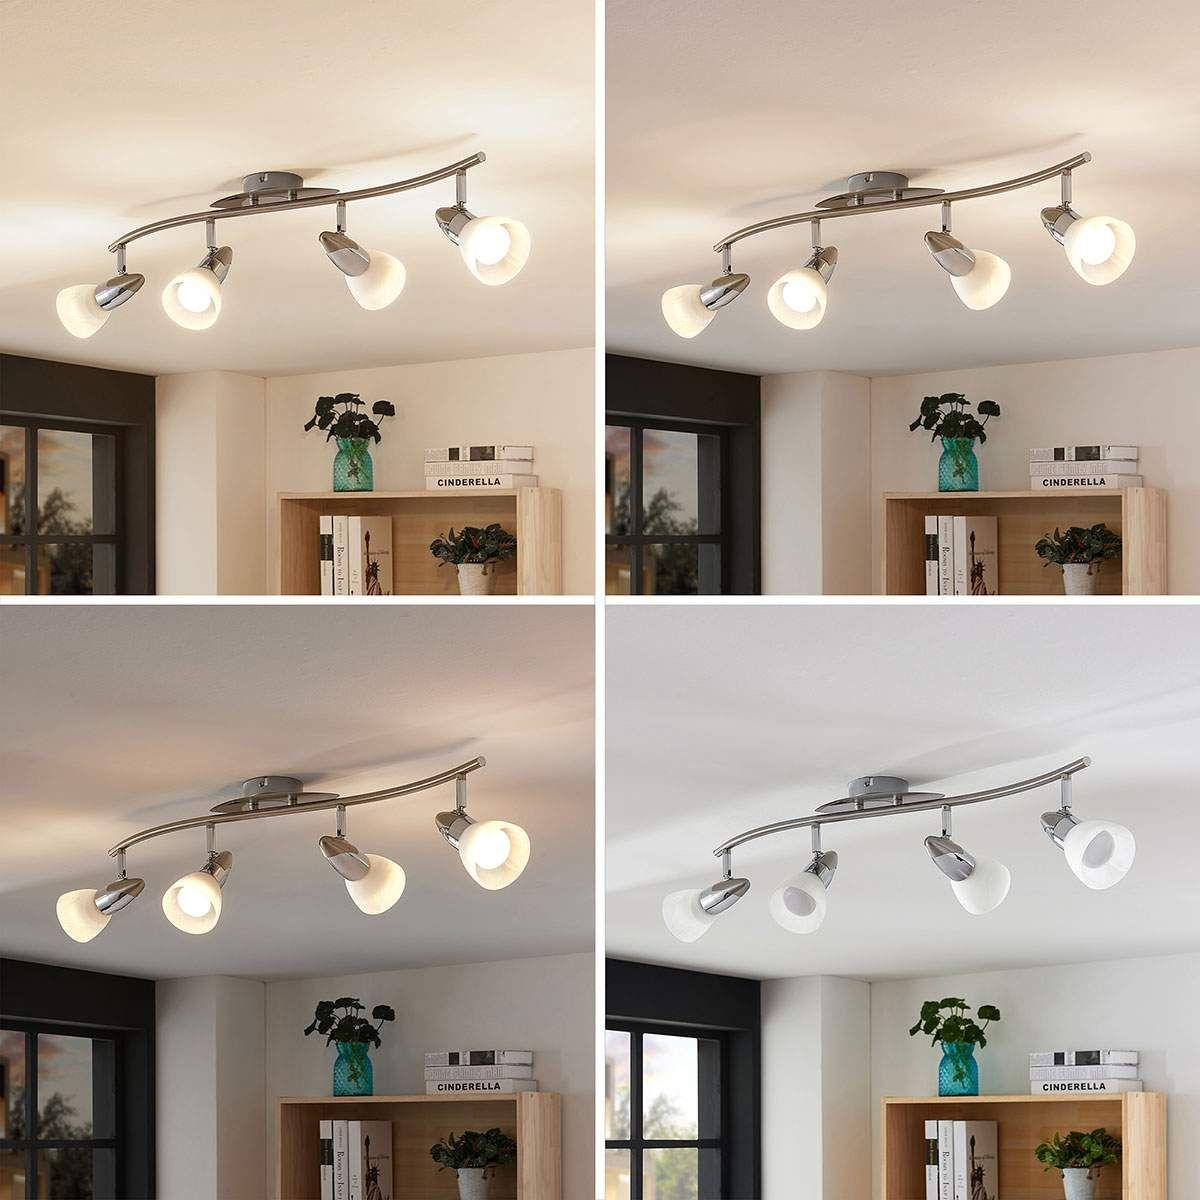 Full Size of Deckenlampen Ideen Led Deckenlampe Cora Bad Renovieren Wohnzimmer Tapeten Modern Für Wohnzimmer Deckenlampen Ideen